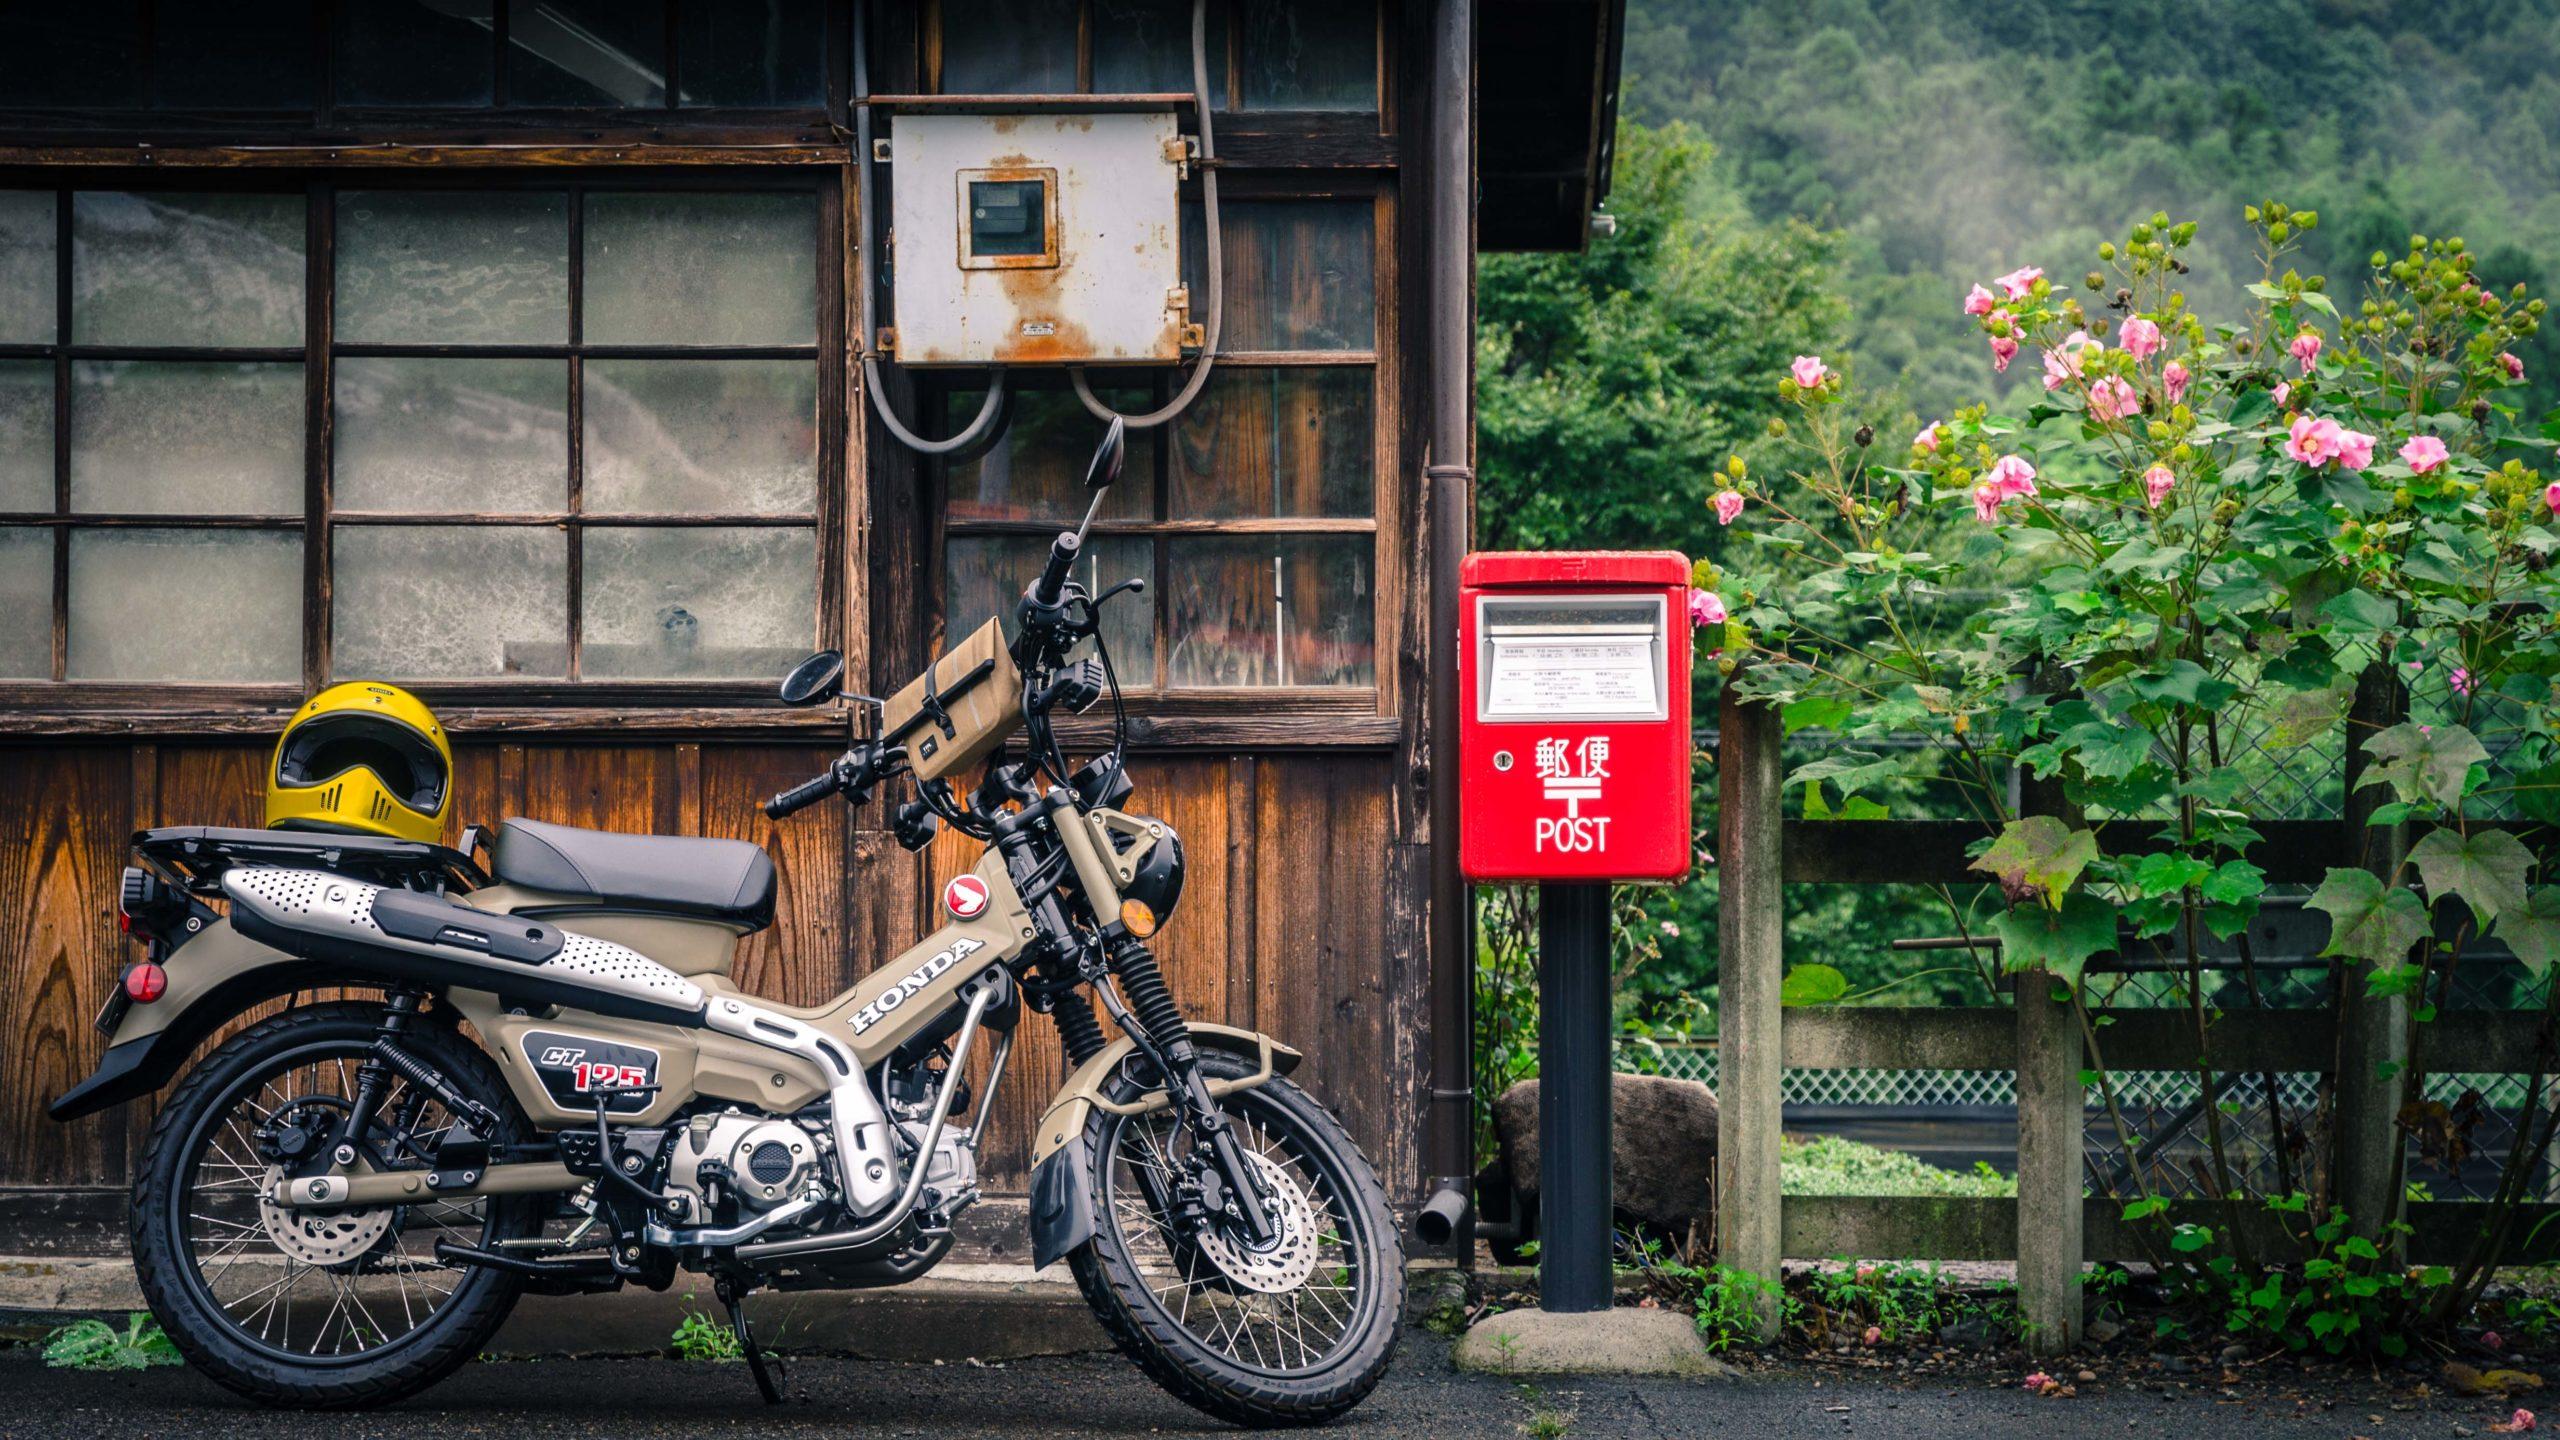 上神梅駅前の赤いポストとCT1125ハンターカブ